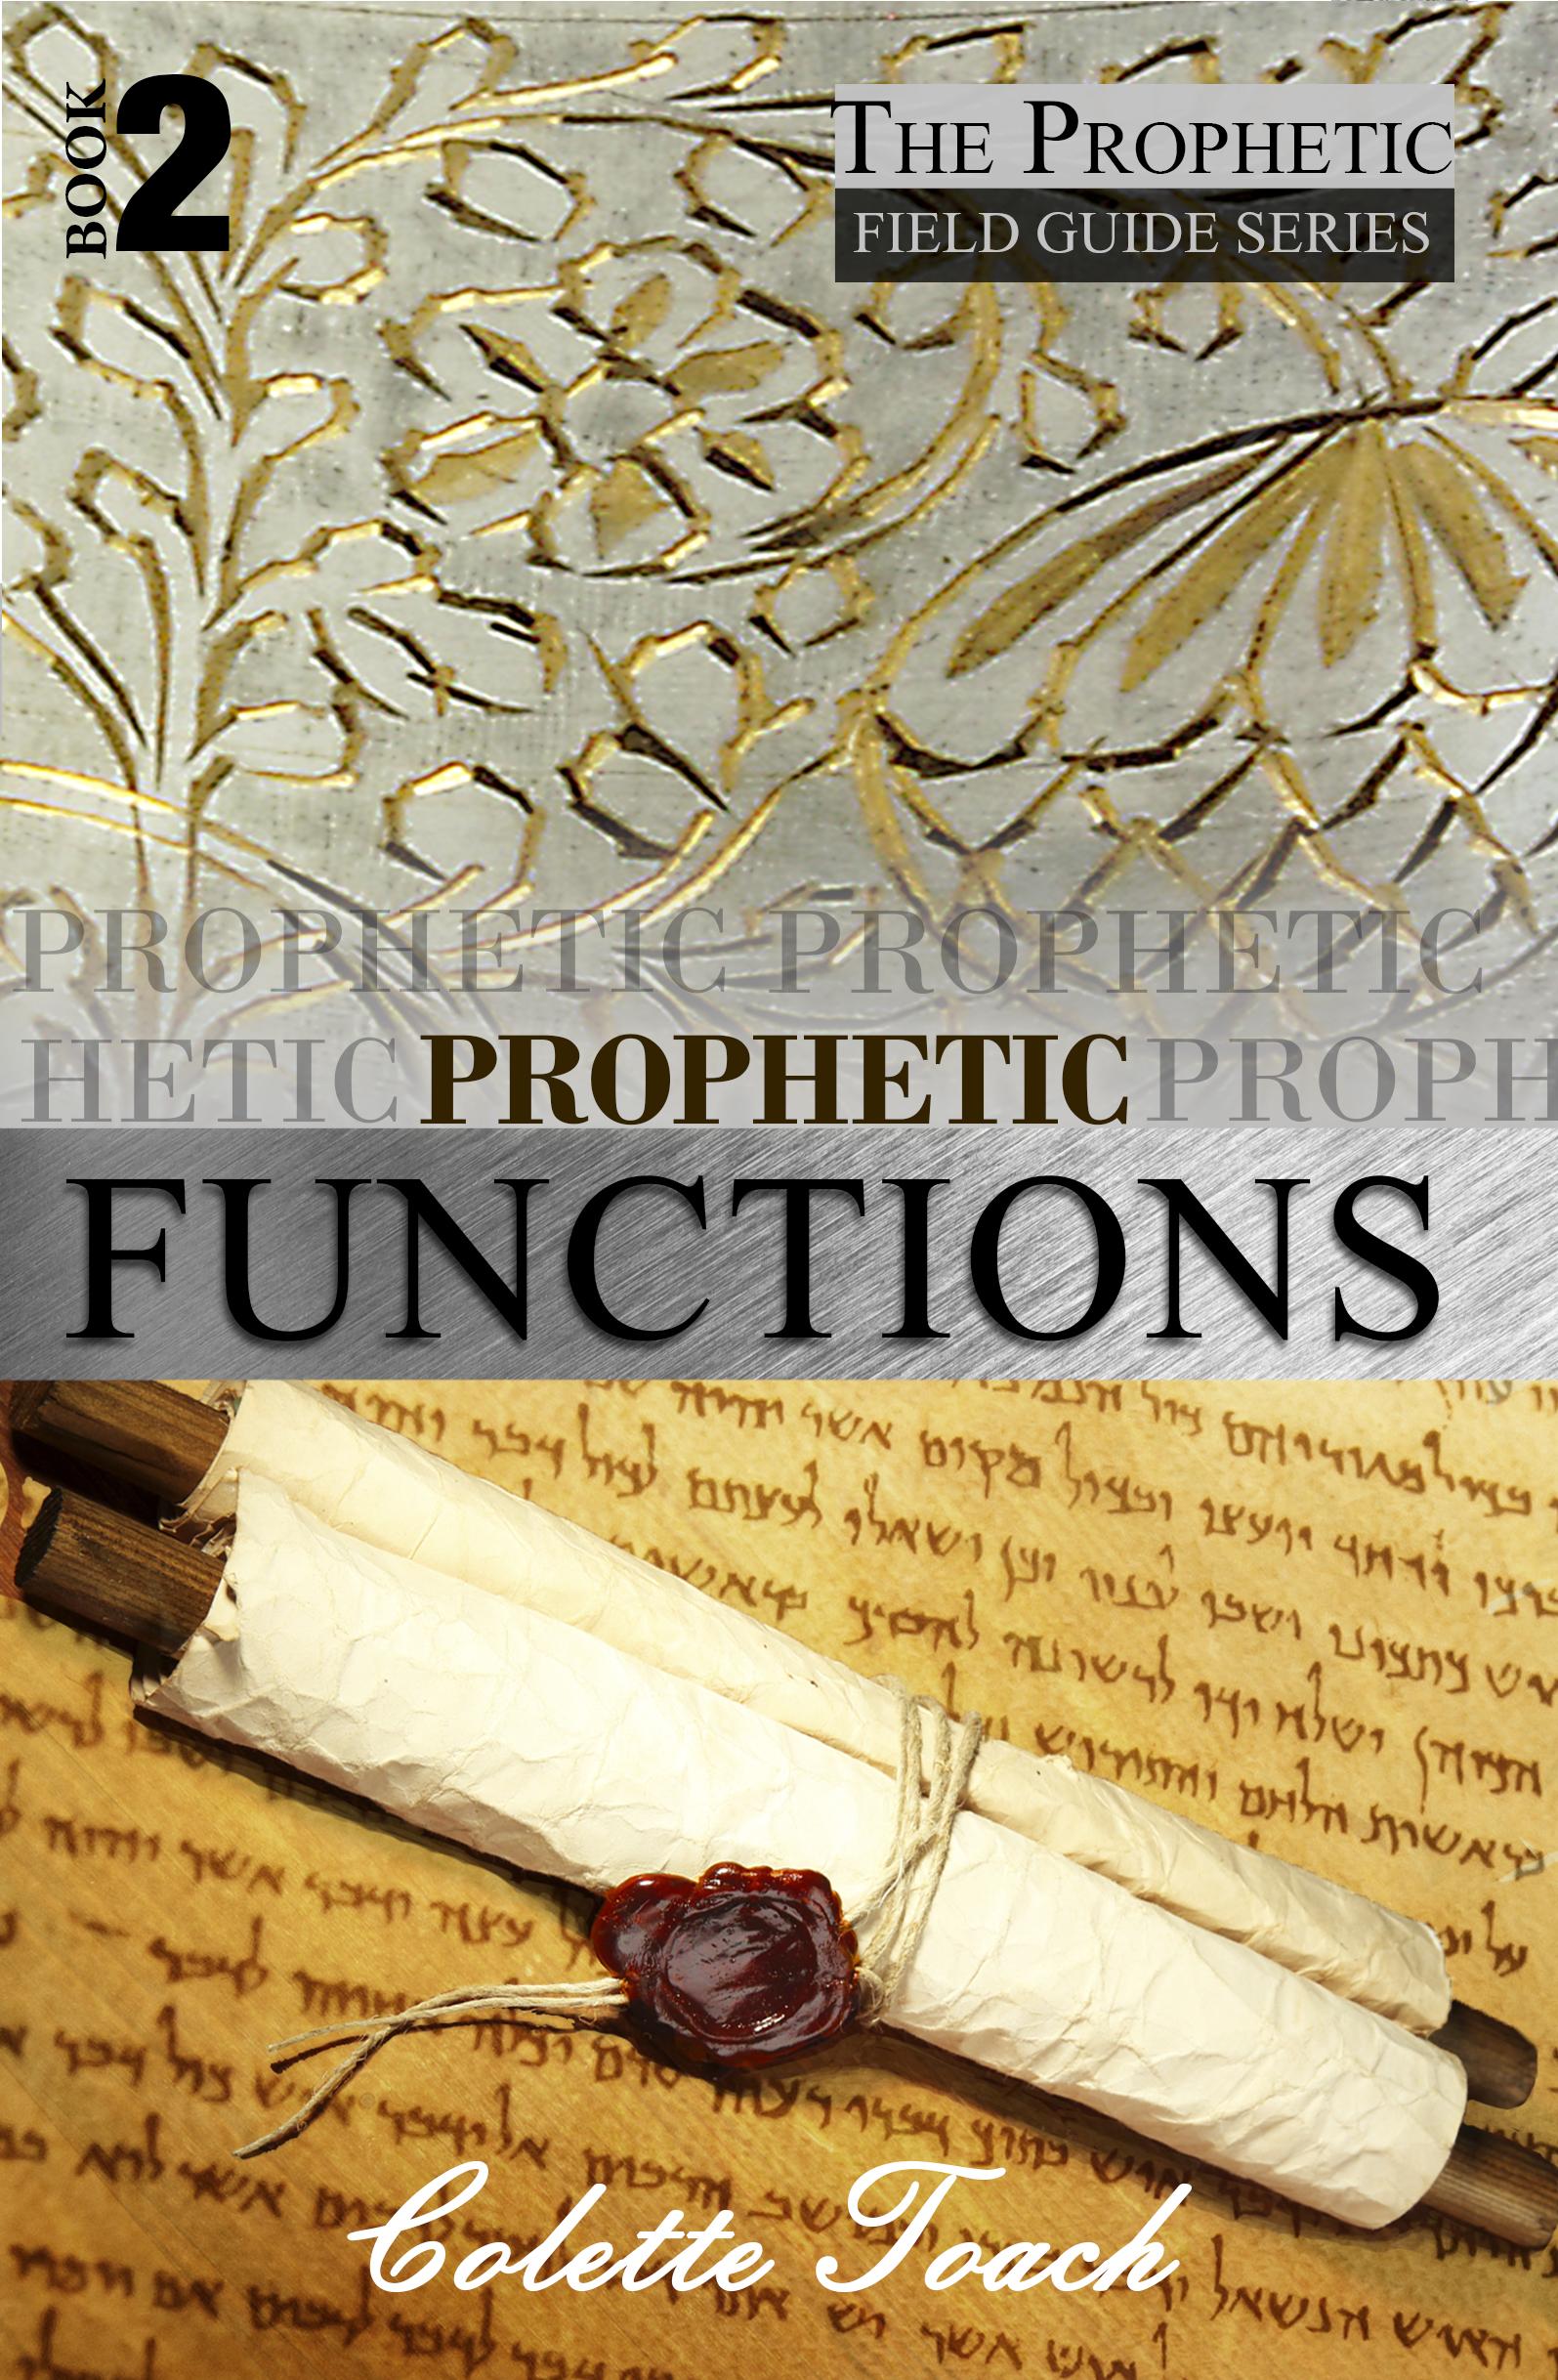 Prophetic_Functions_Front.jpg